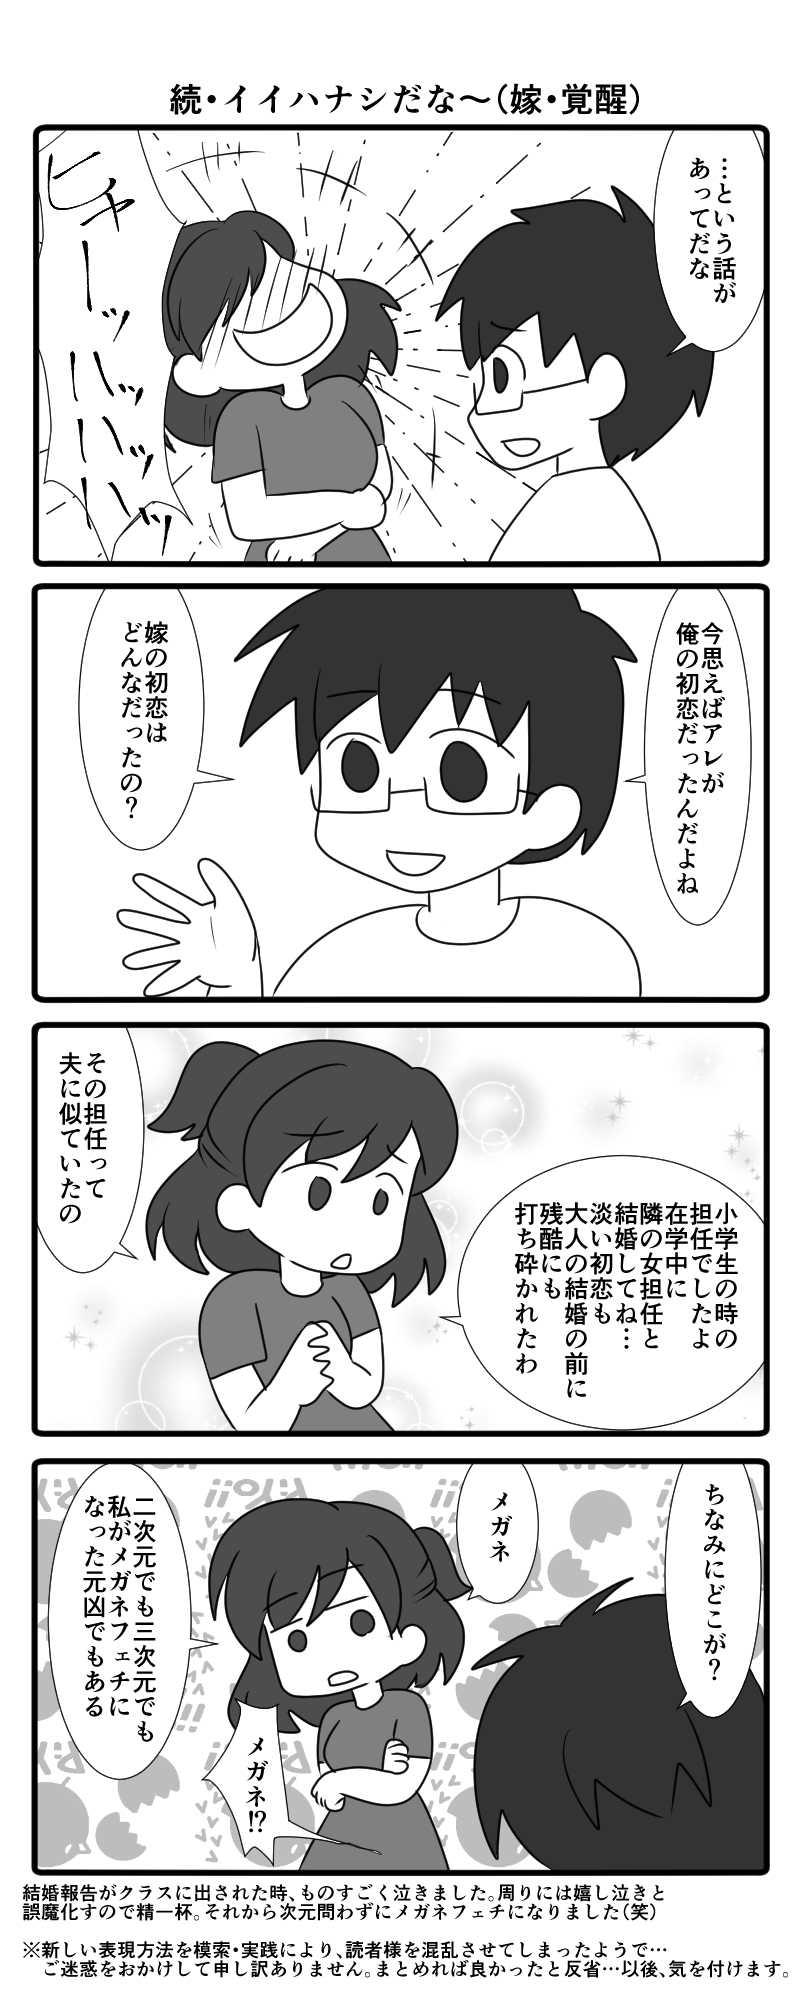 続・イイハナシだな~(嫁・覚醒)